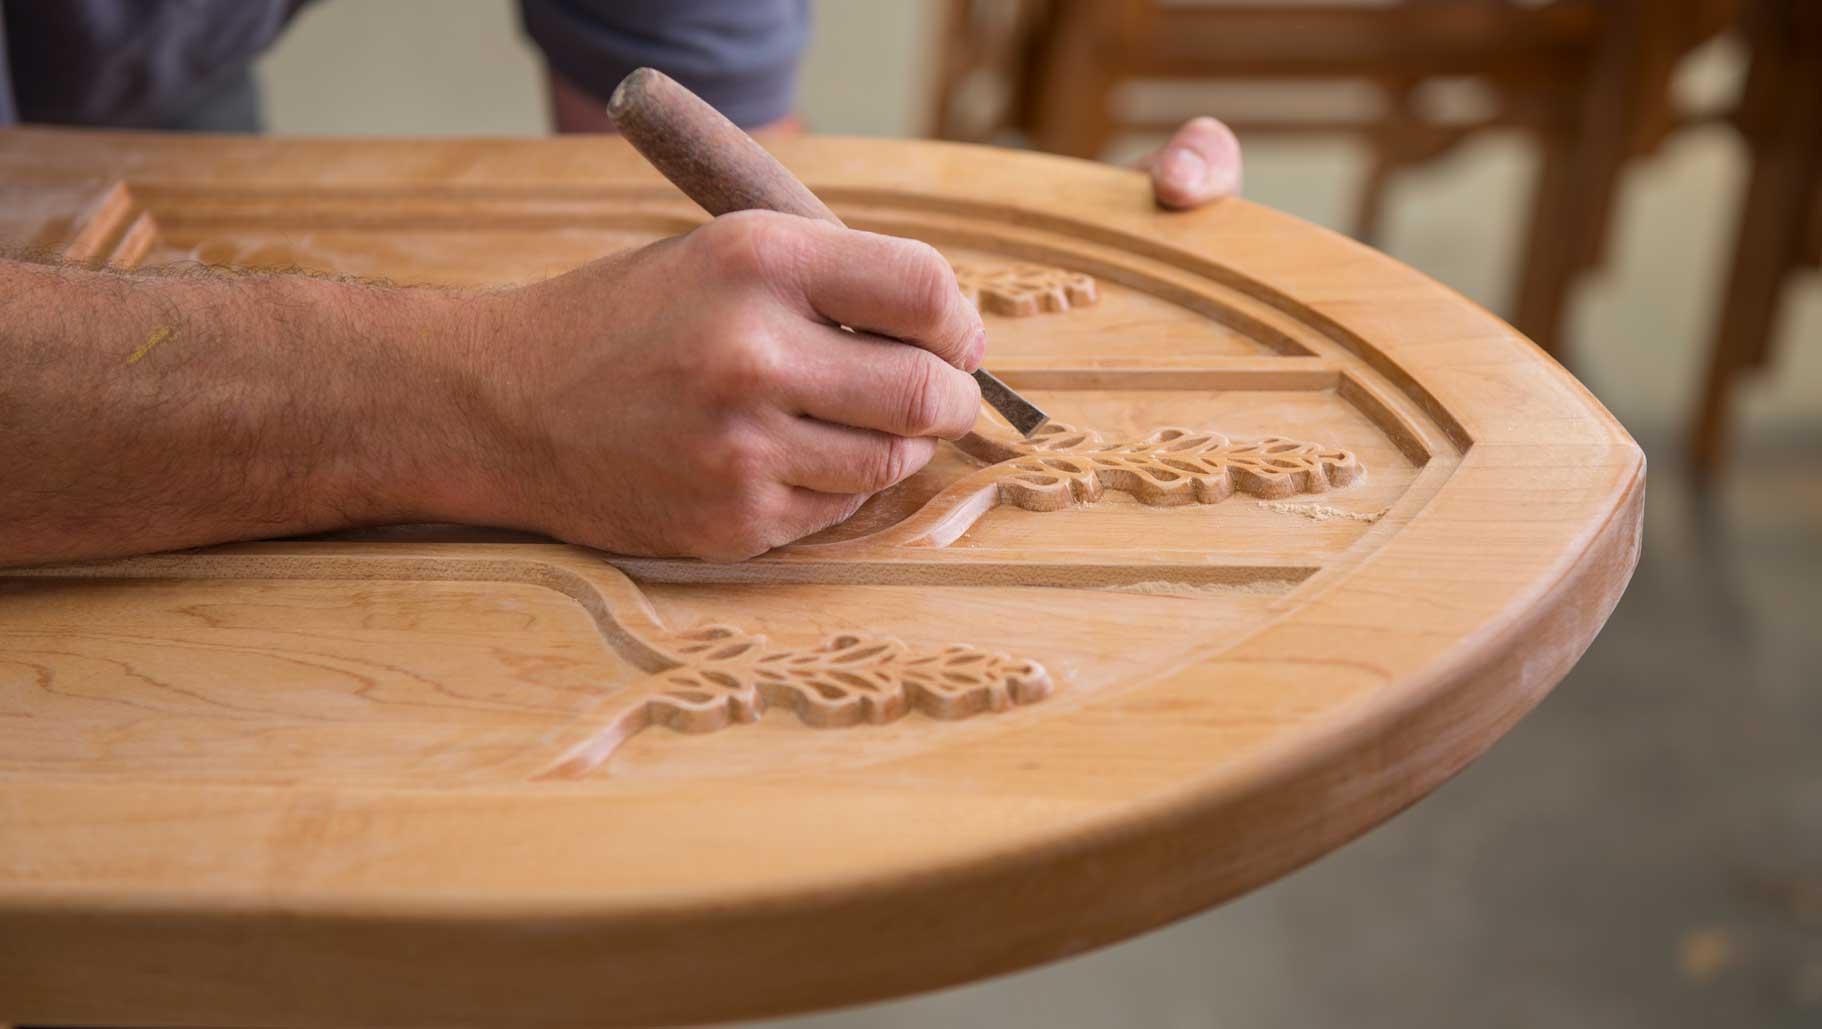 Craftsmanship designing engraving handmade bespoke furniture woodwork mid range